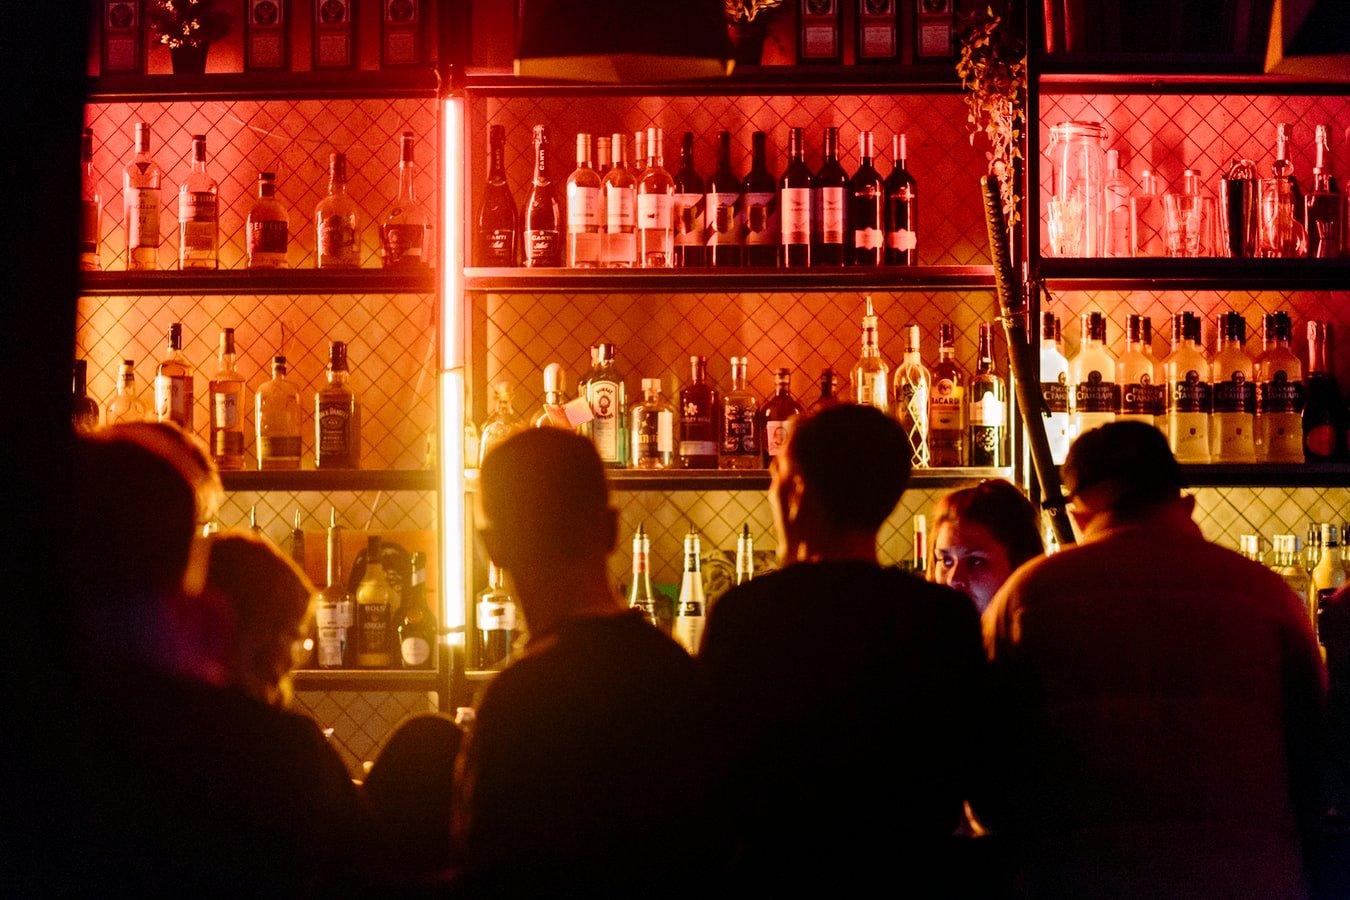 Jóvenes en un bar; Hombre demandó a un bar por 5.5 millones después de afirmar que el bar le sirvió mucho alcohol